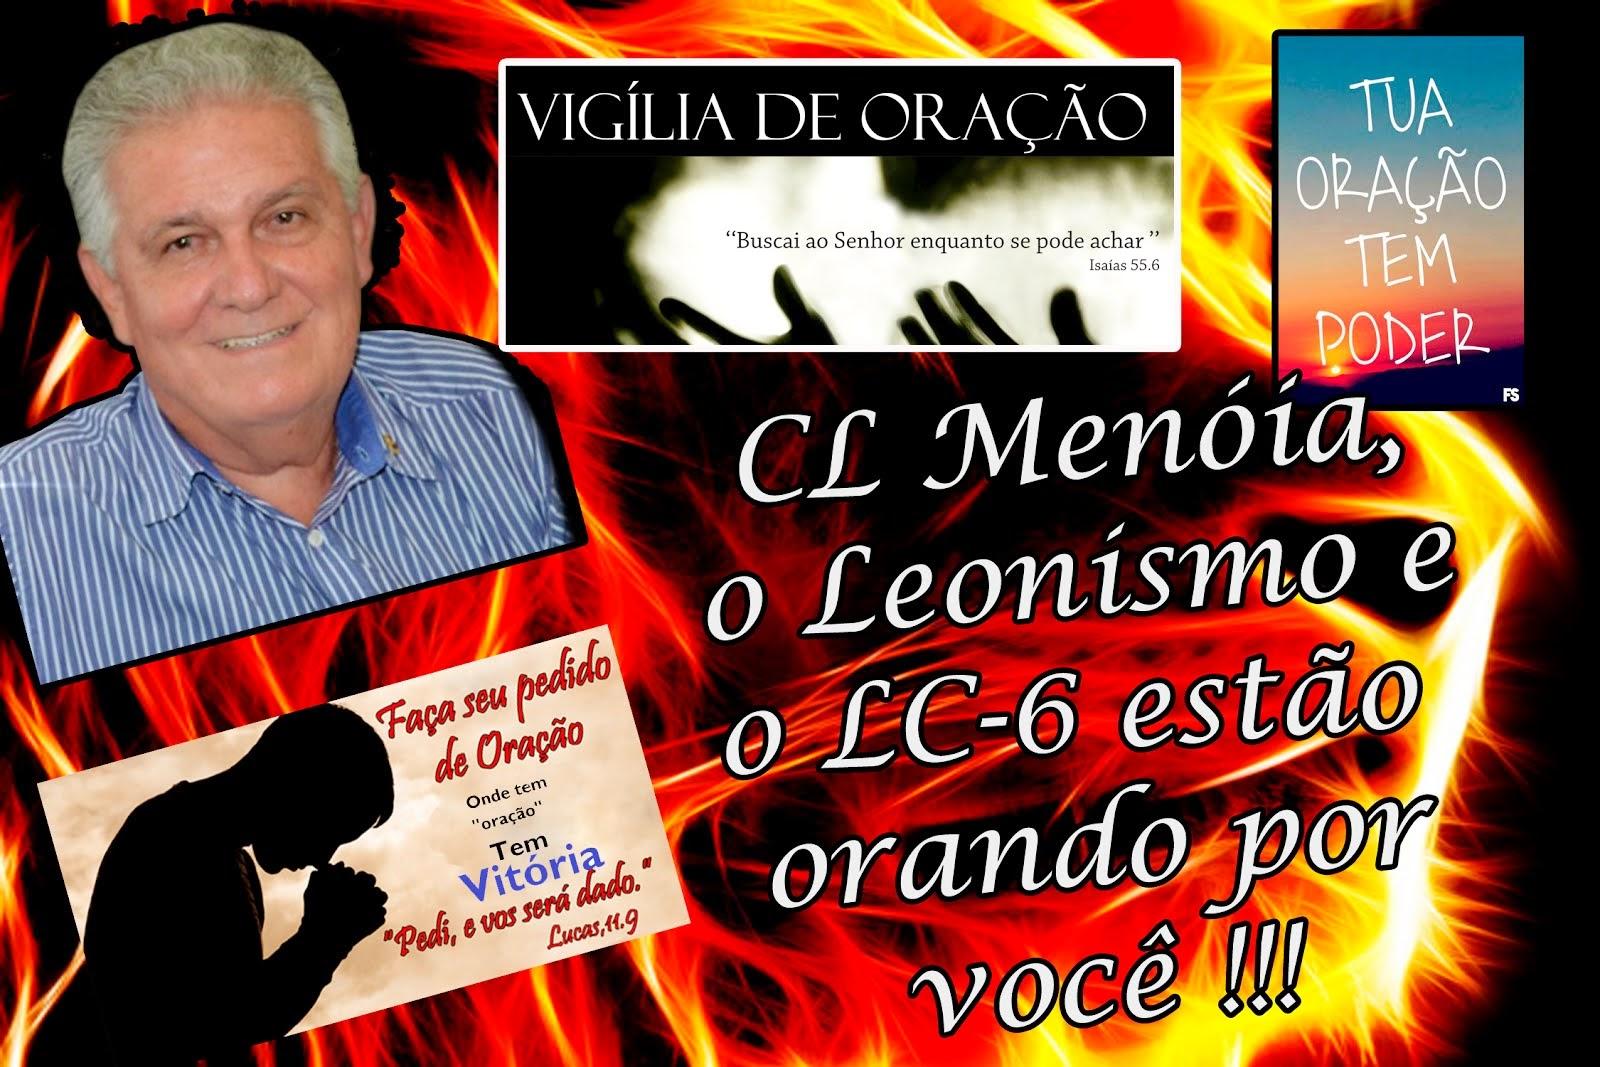 LC-6 DE LUTO: CLMJ MENOIA,